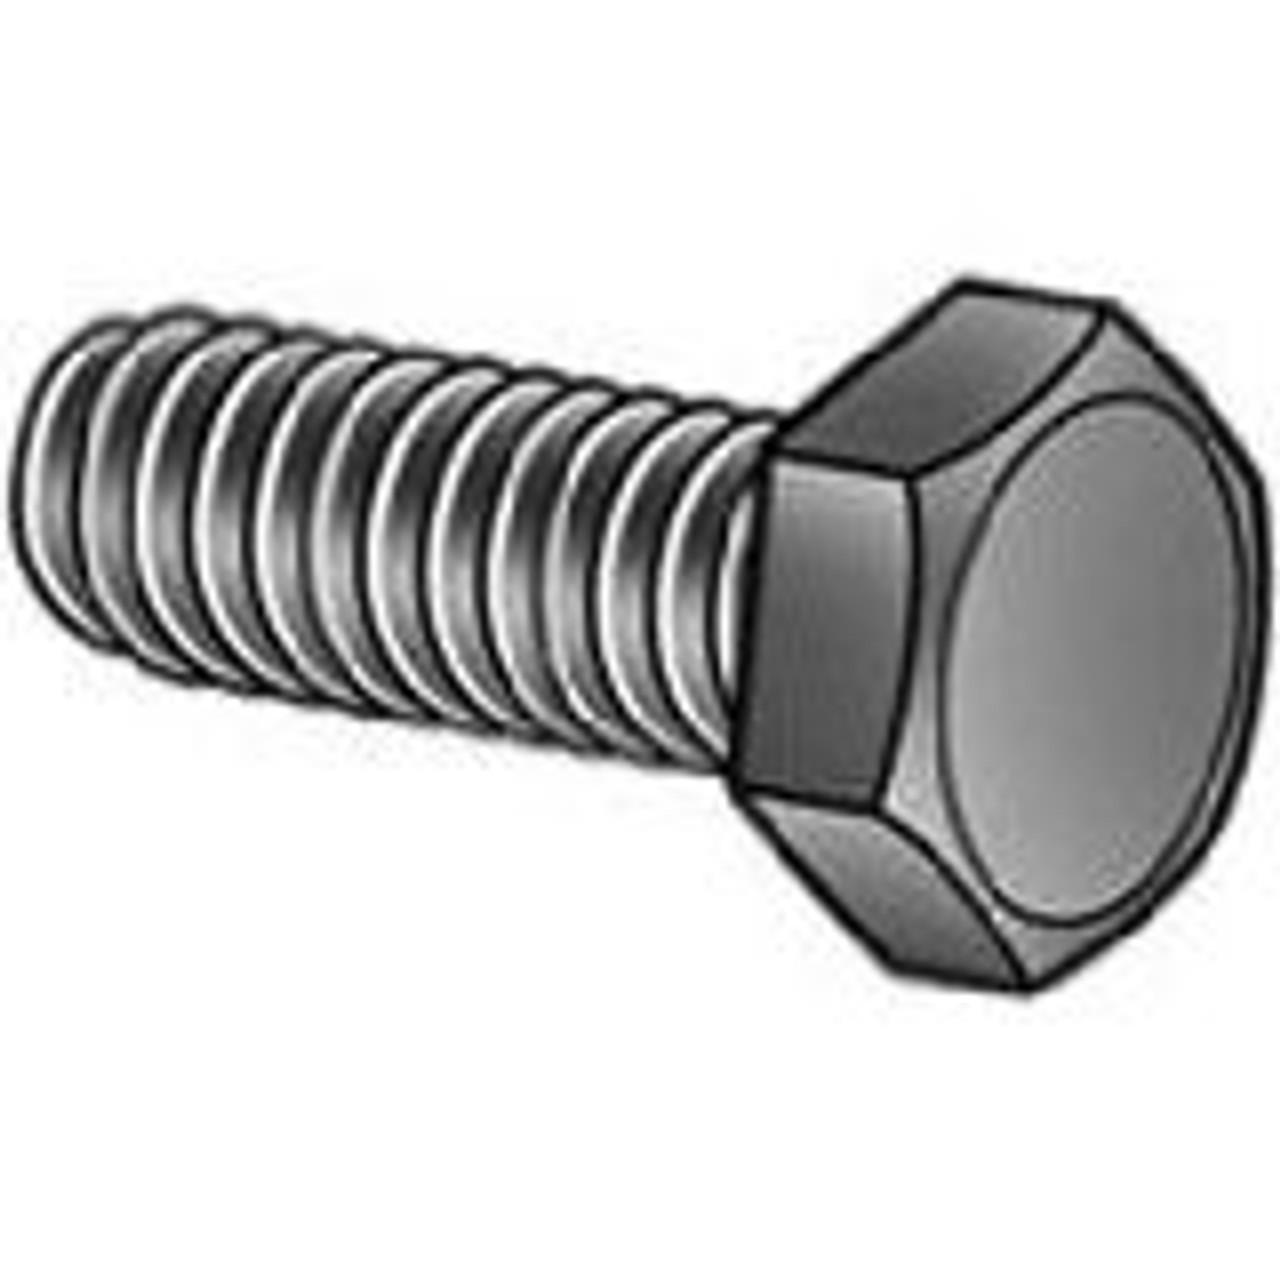 M12 X 100 Zinc Plated bolt DIN 931 8.8 part thread